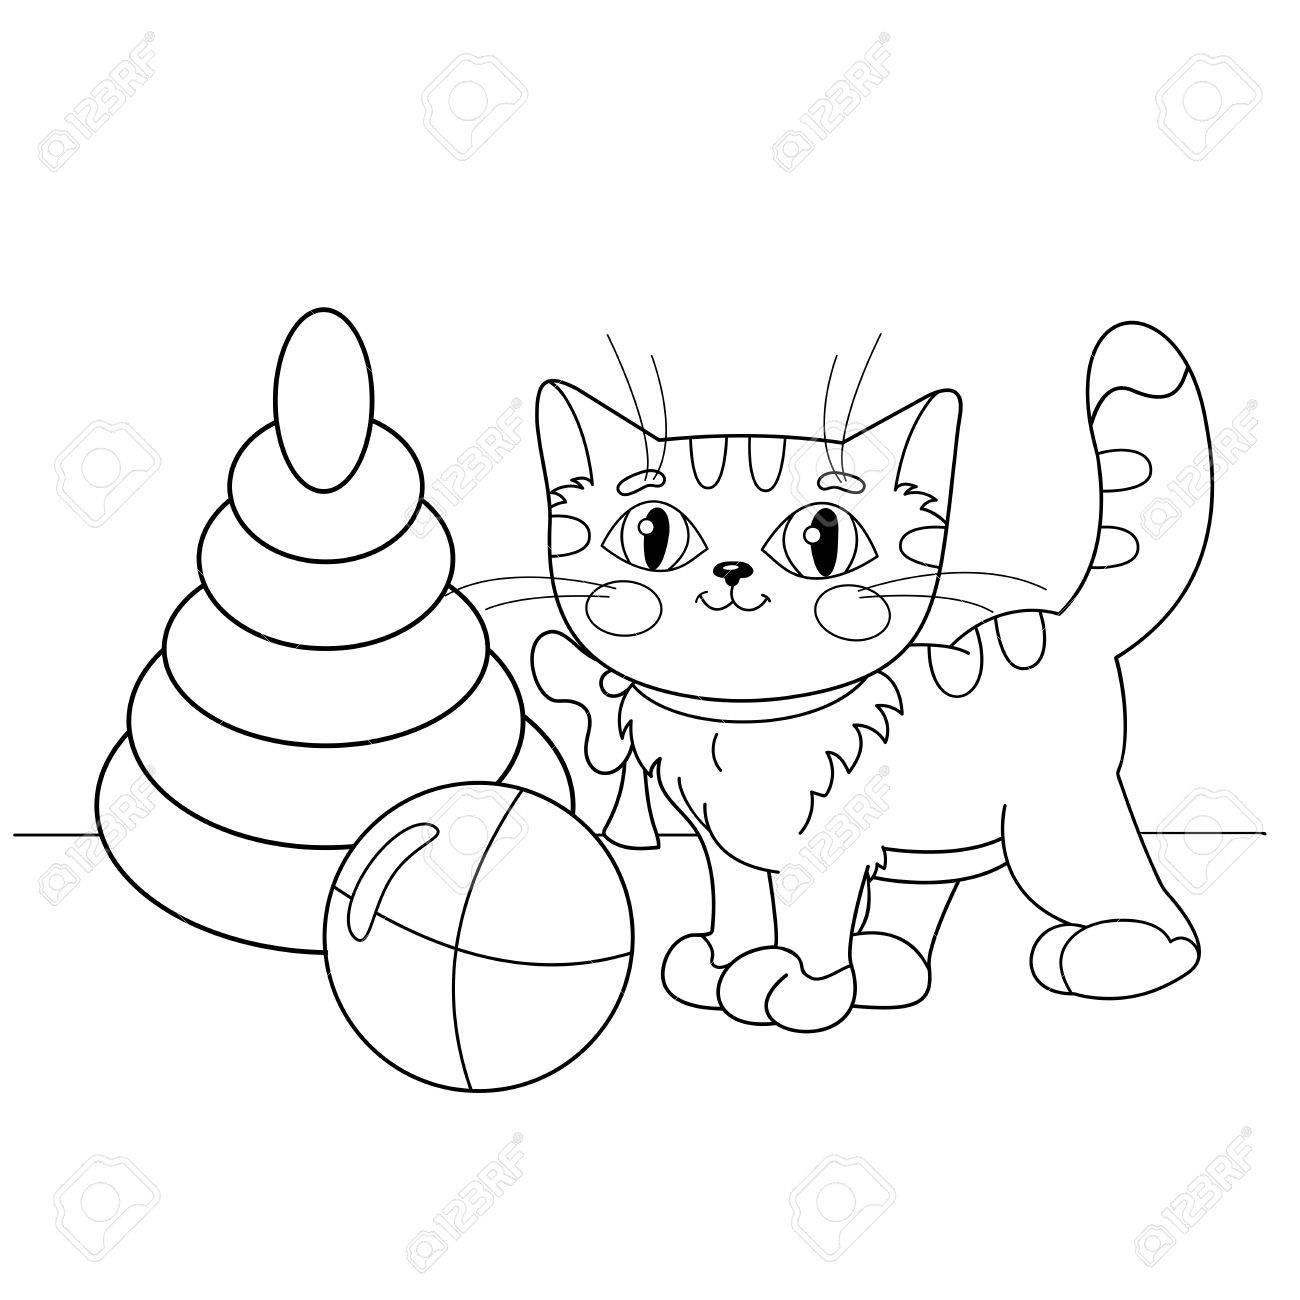 Pagina Para Colorear Esquema De Dibujos Animados Del Gato Jugando